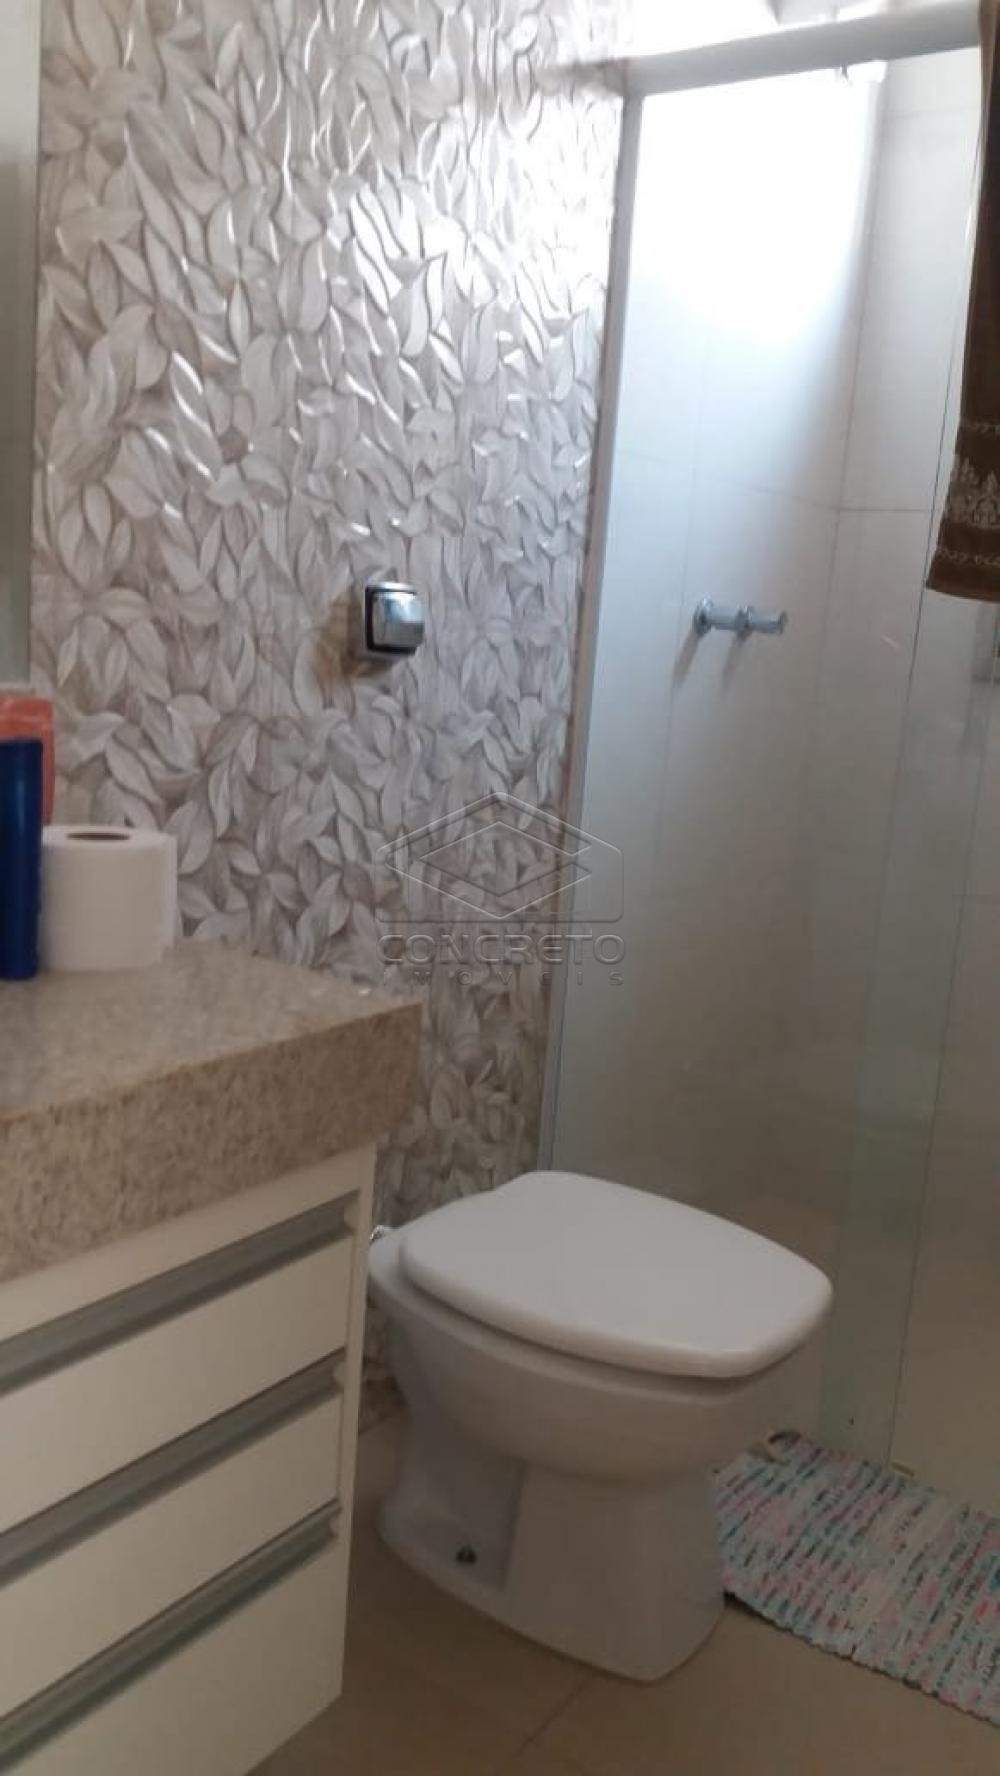 Alugar Casa / Padrão em Bauru apenas R$ 951,00 - Foto 6